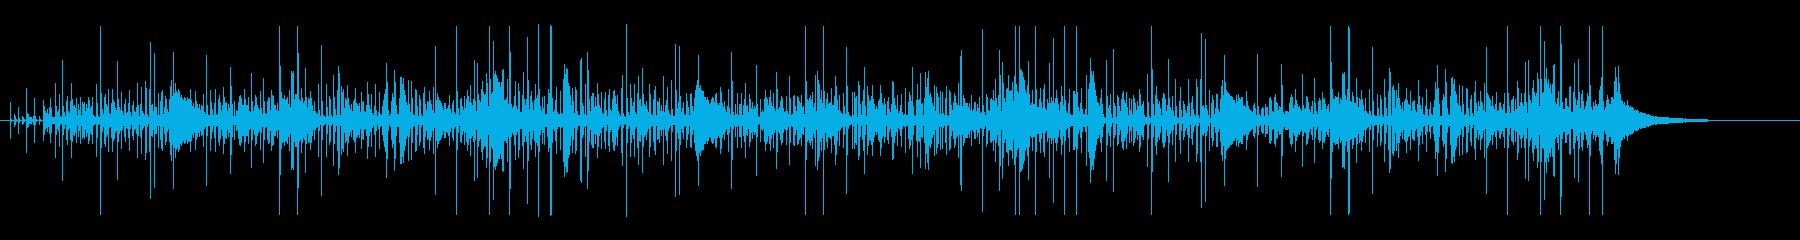 速いテンポのジャズ系ドラム/01-01の再生済みの波形